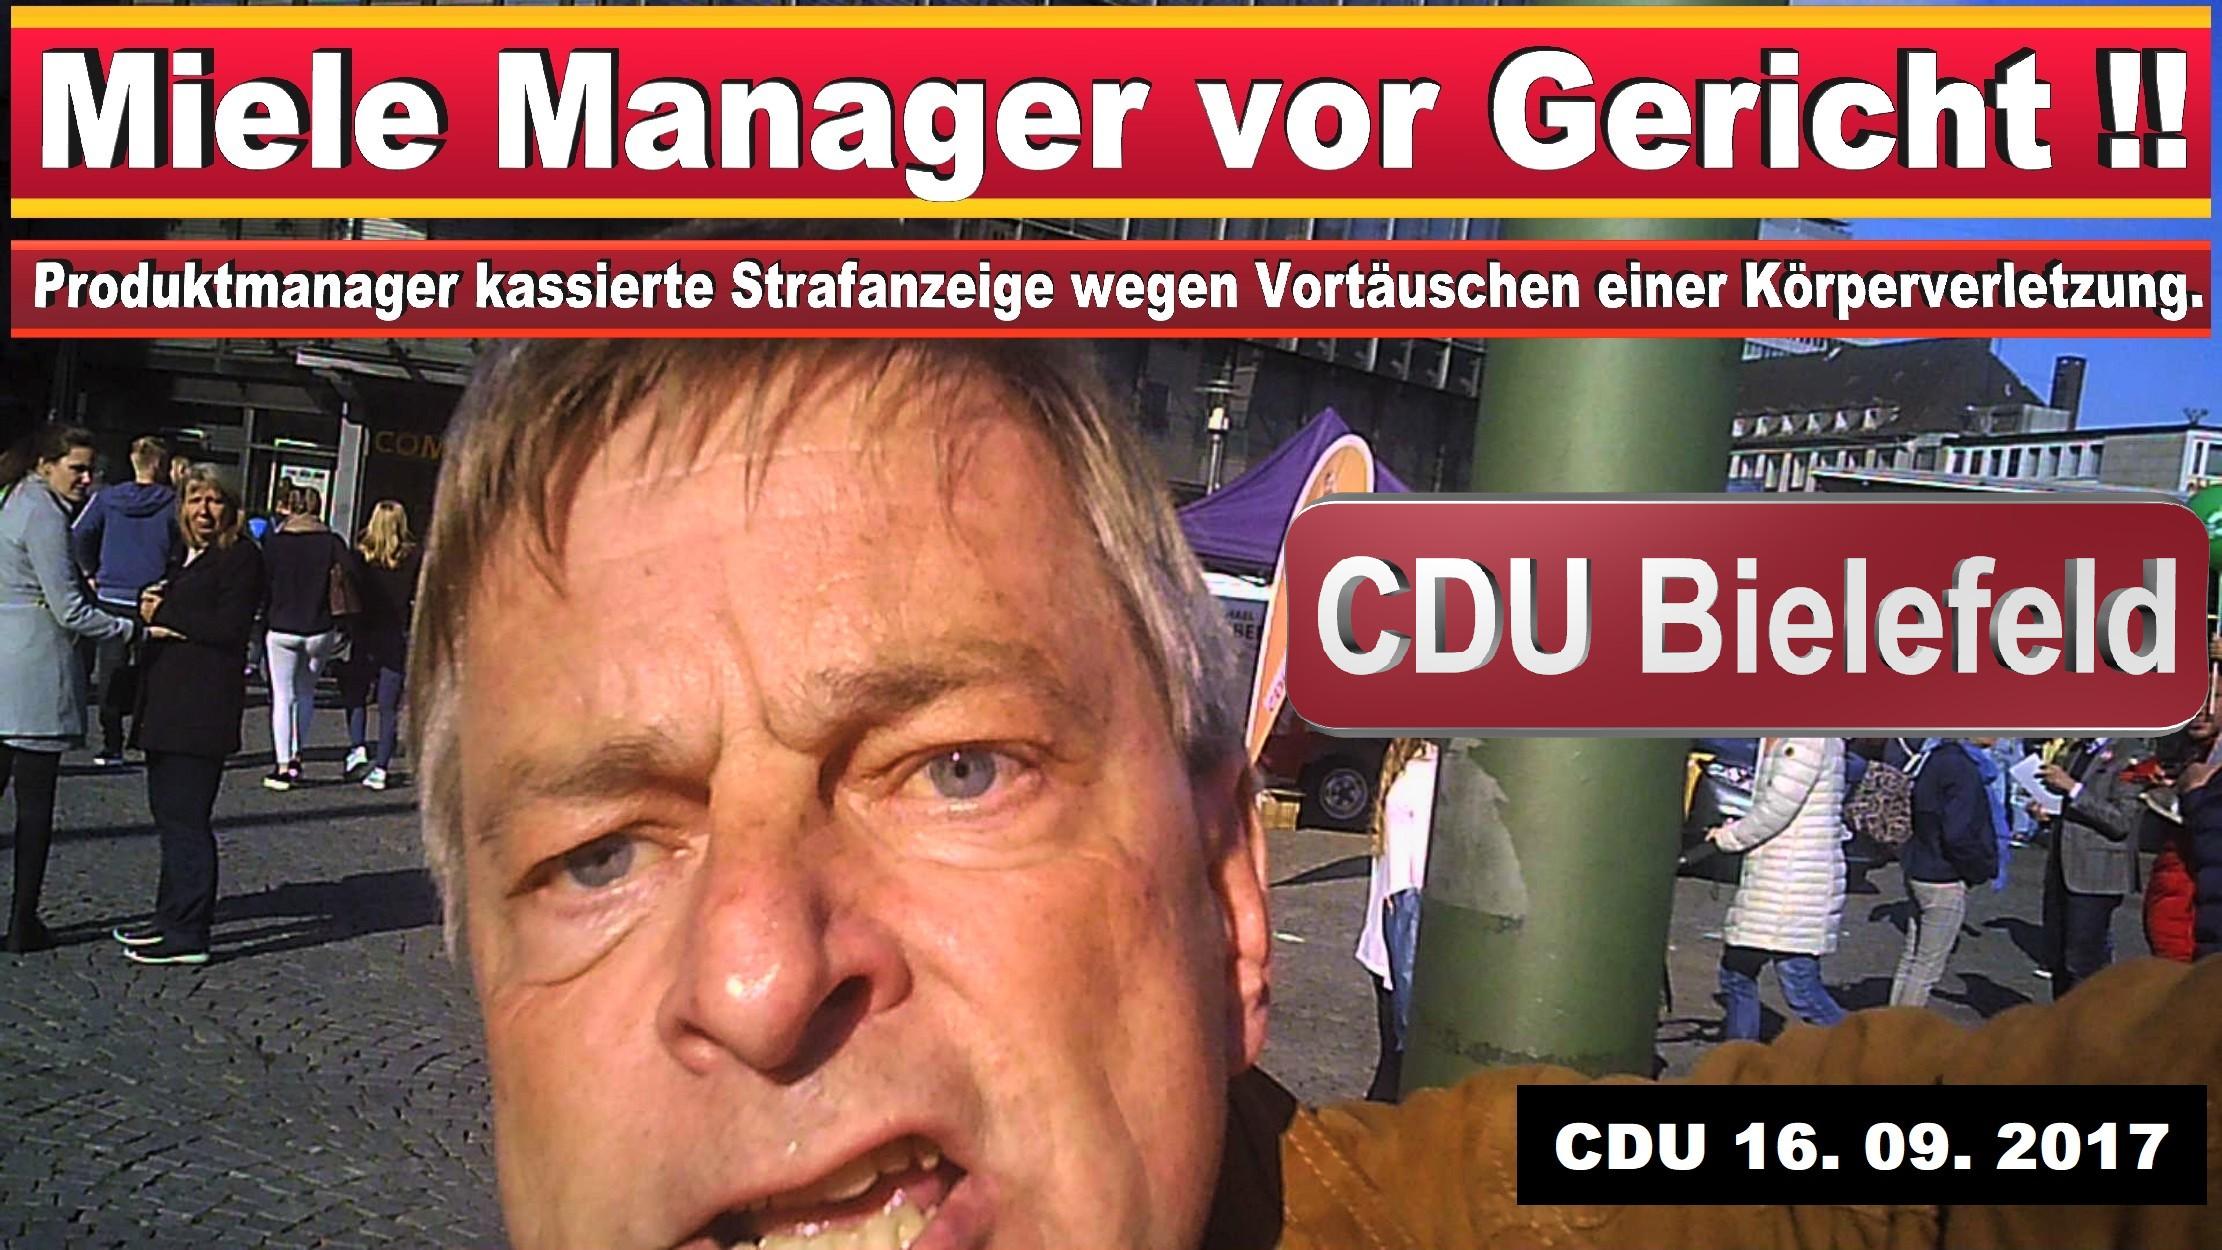 MICHAEL WEBER MIELE GüTERSLOH CDU BIELEFELD POLIZEIGEWALT GEWALTAUSBRUCH UND STRAFANZEIGE GEGEN EINEN JOURNALISTEN (4) KOPIE